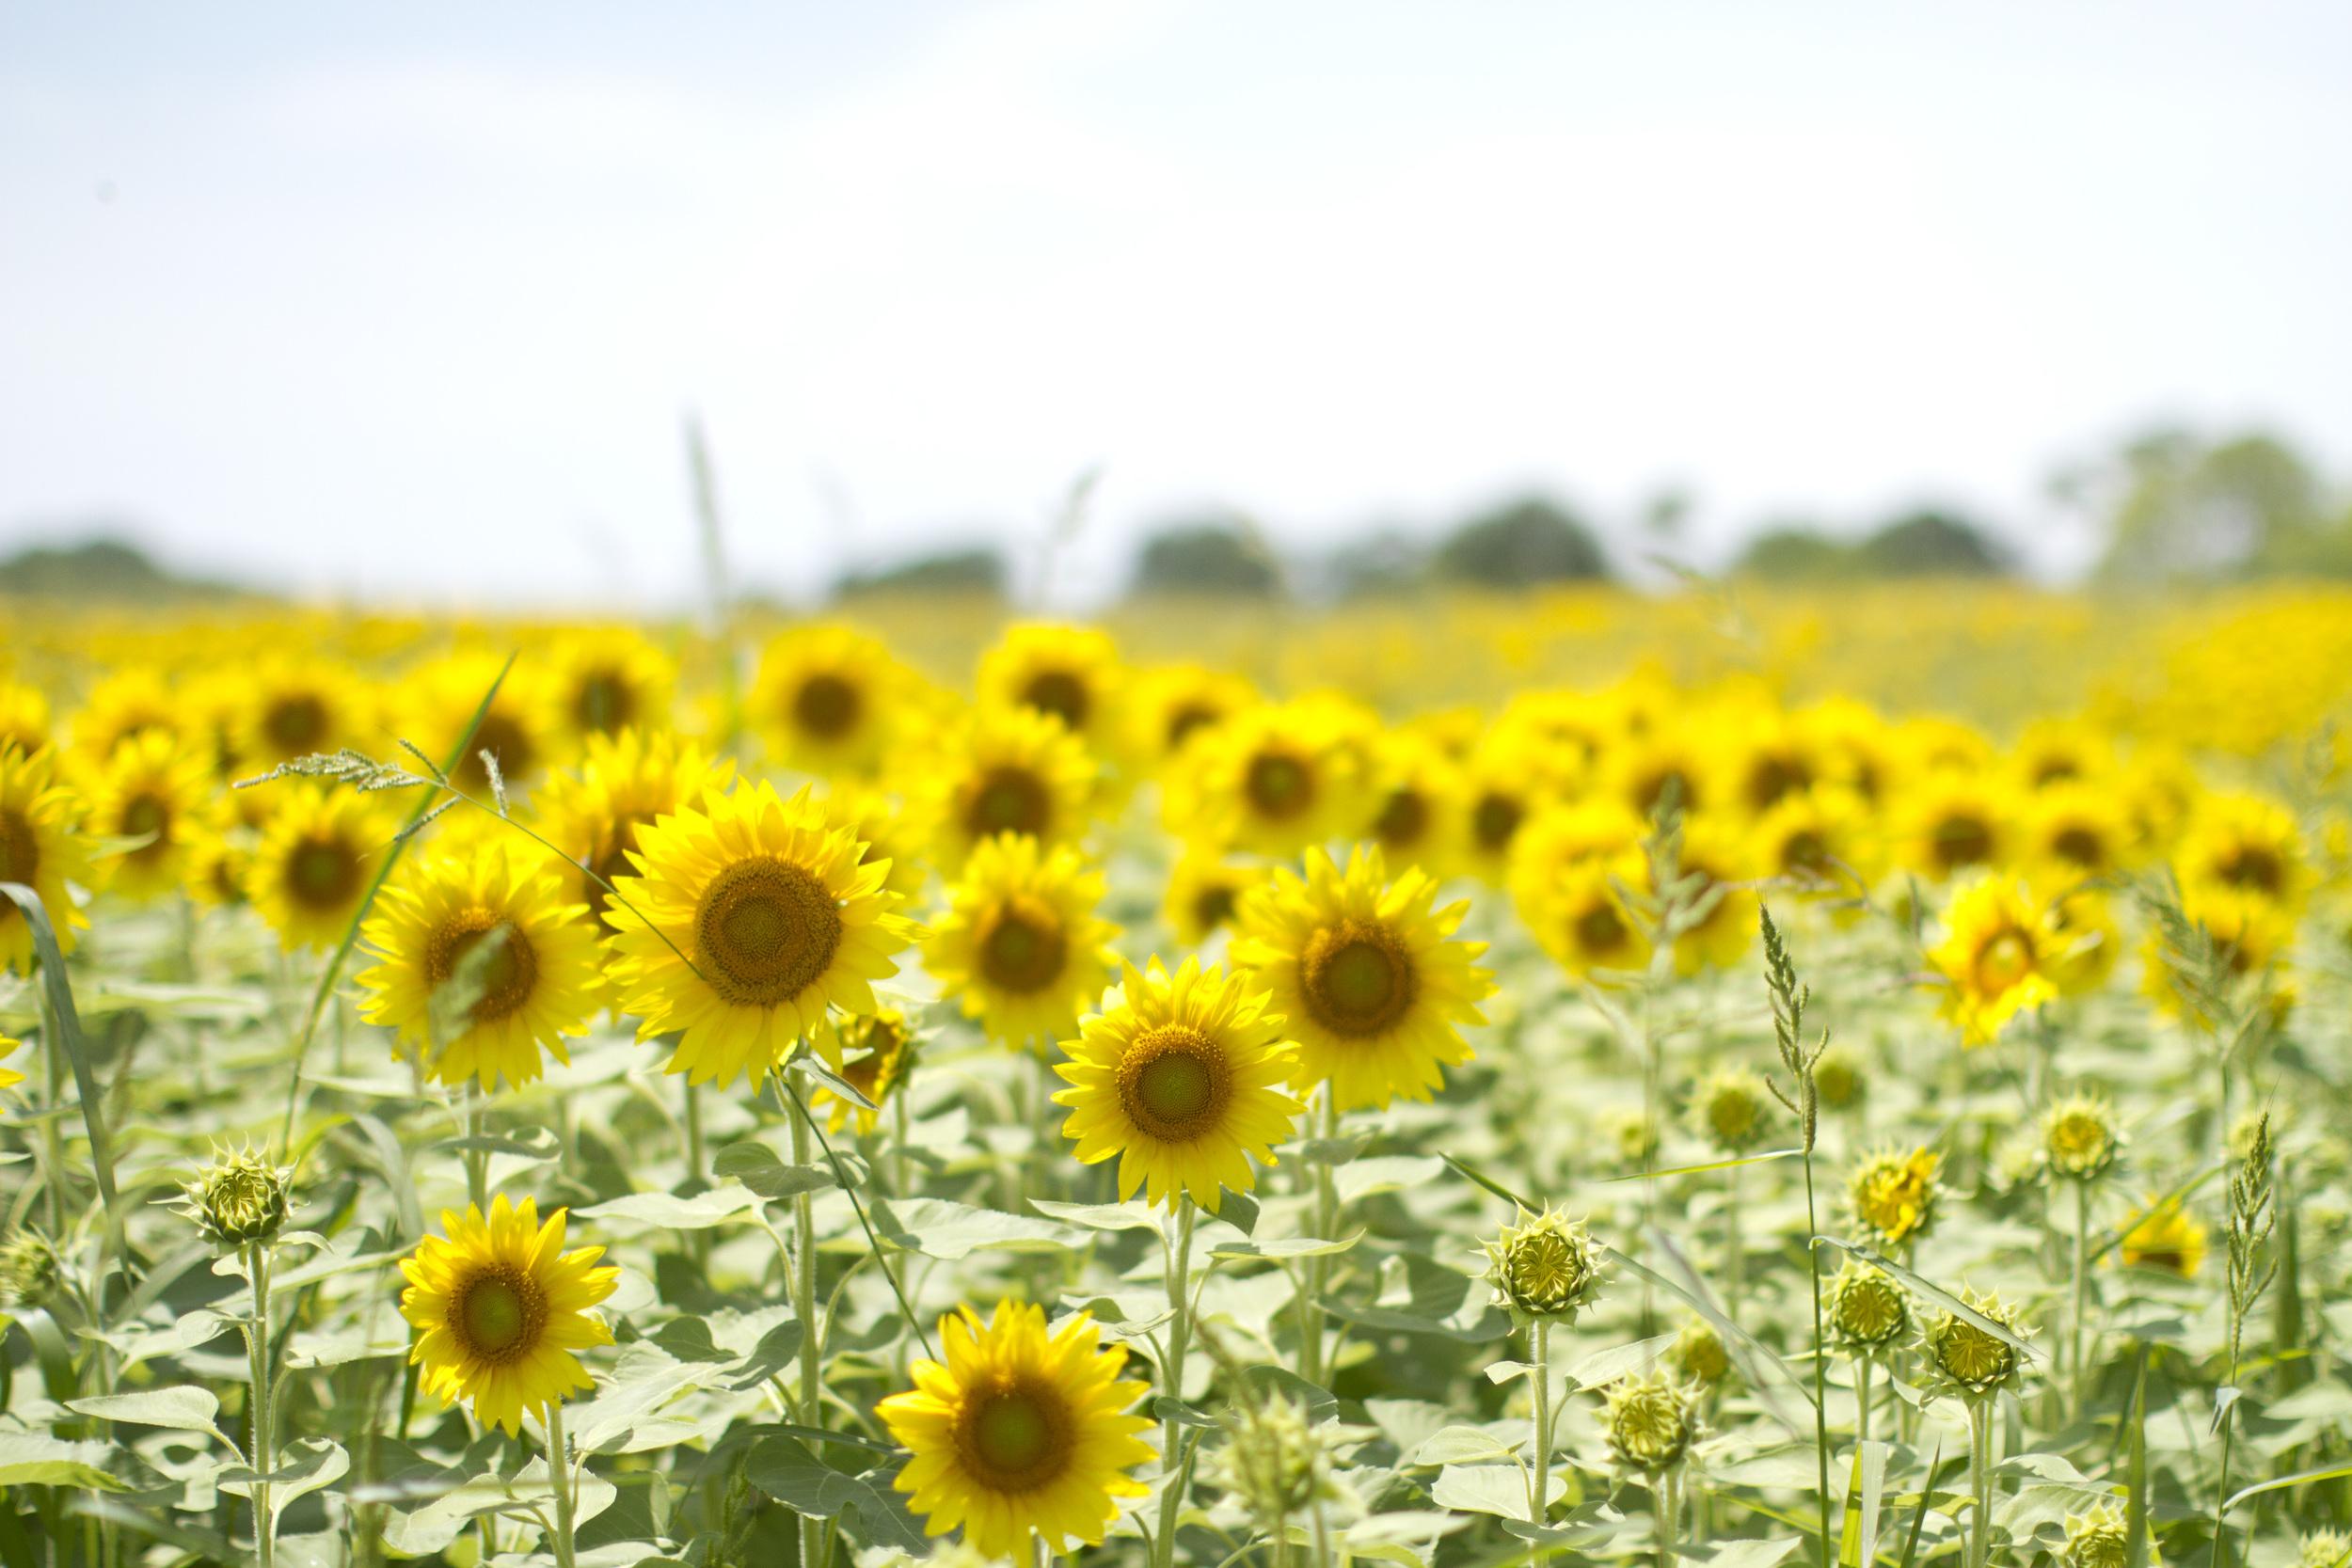 Sunflower-field-photographer